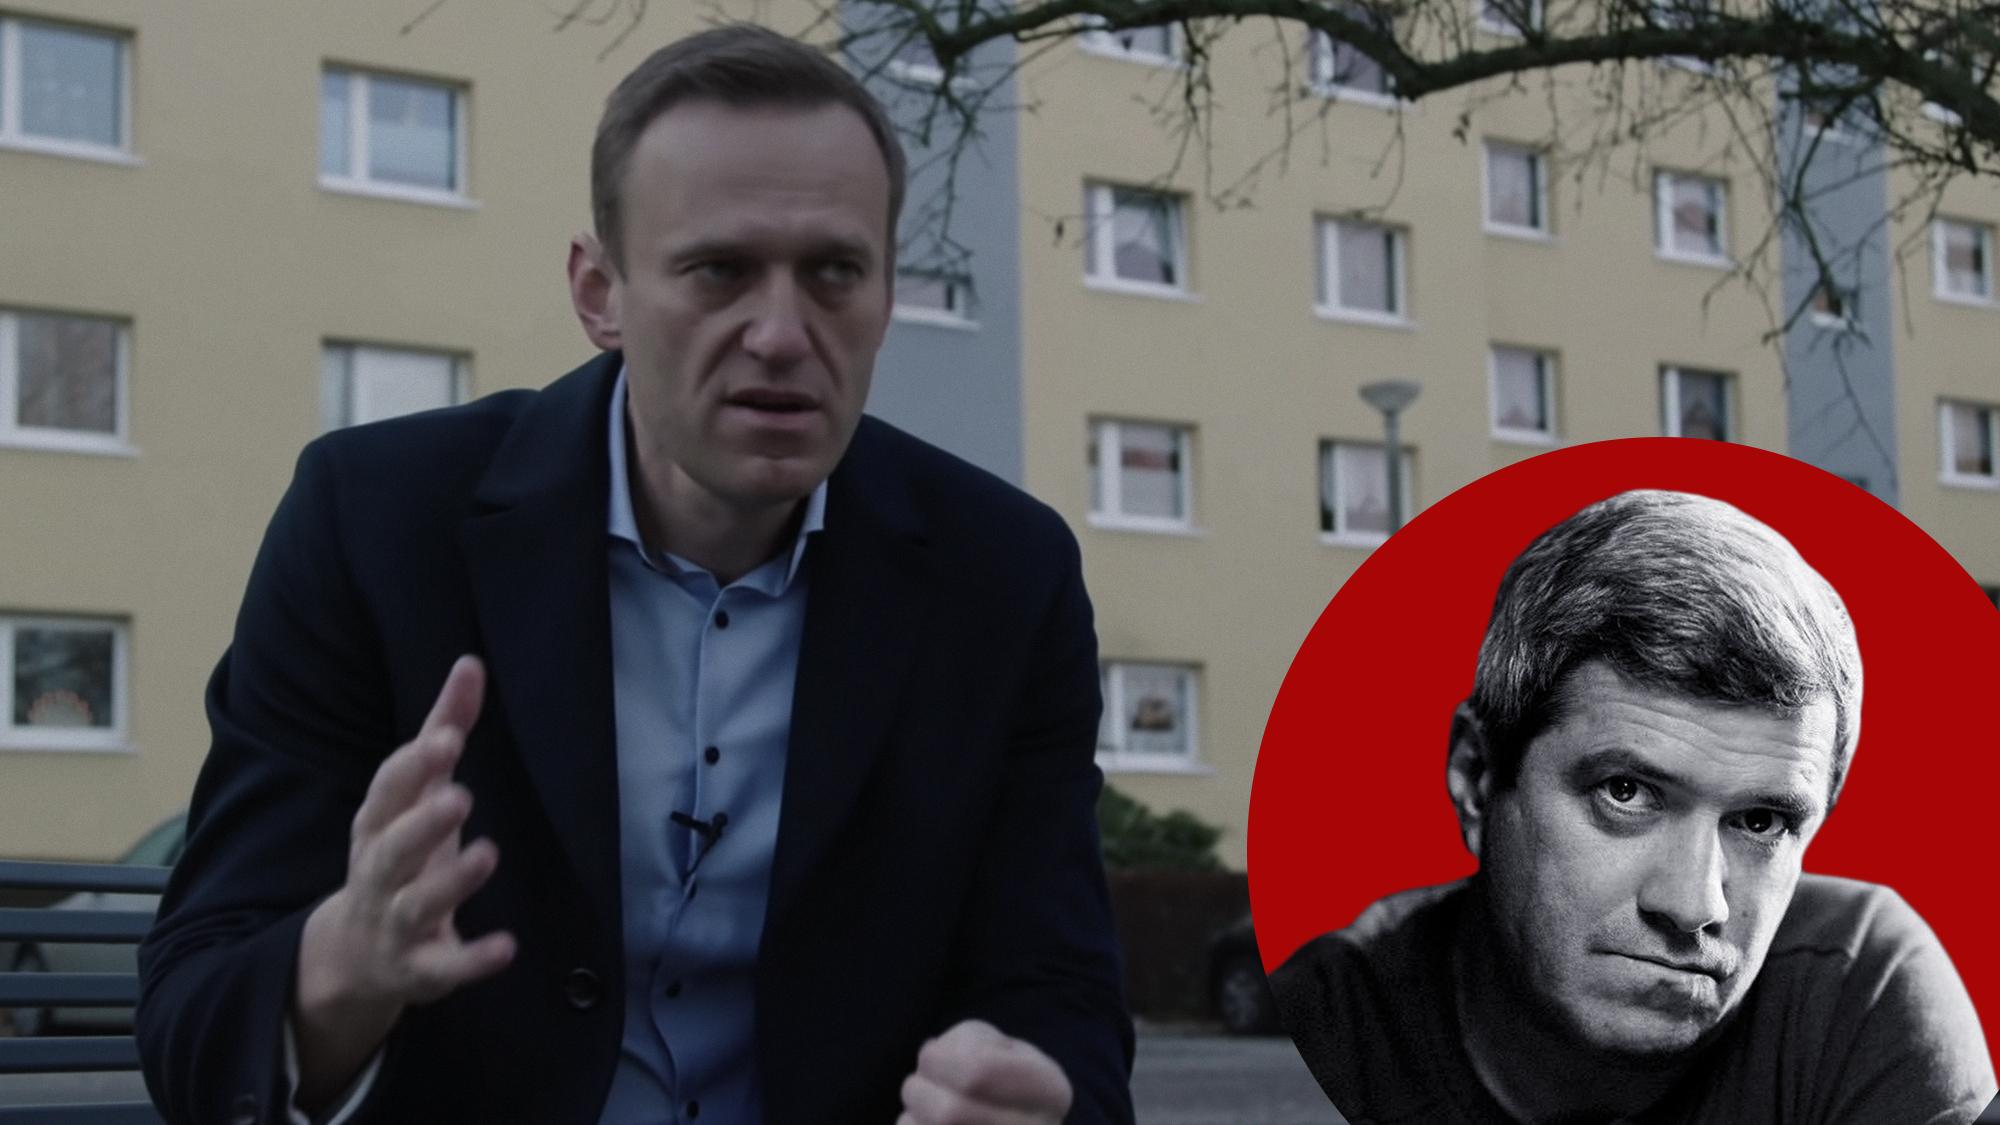 Белый слон на поводке у моськи: почему Михалкова исключили из режиссёров за критику премии, присудившей награду Навальному